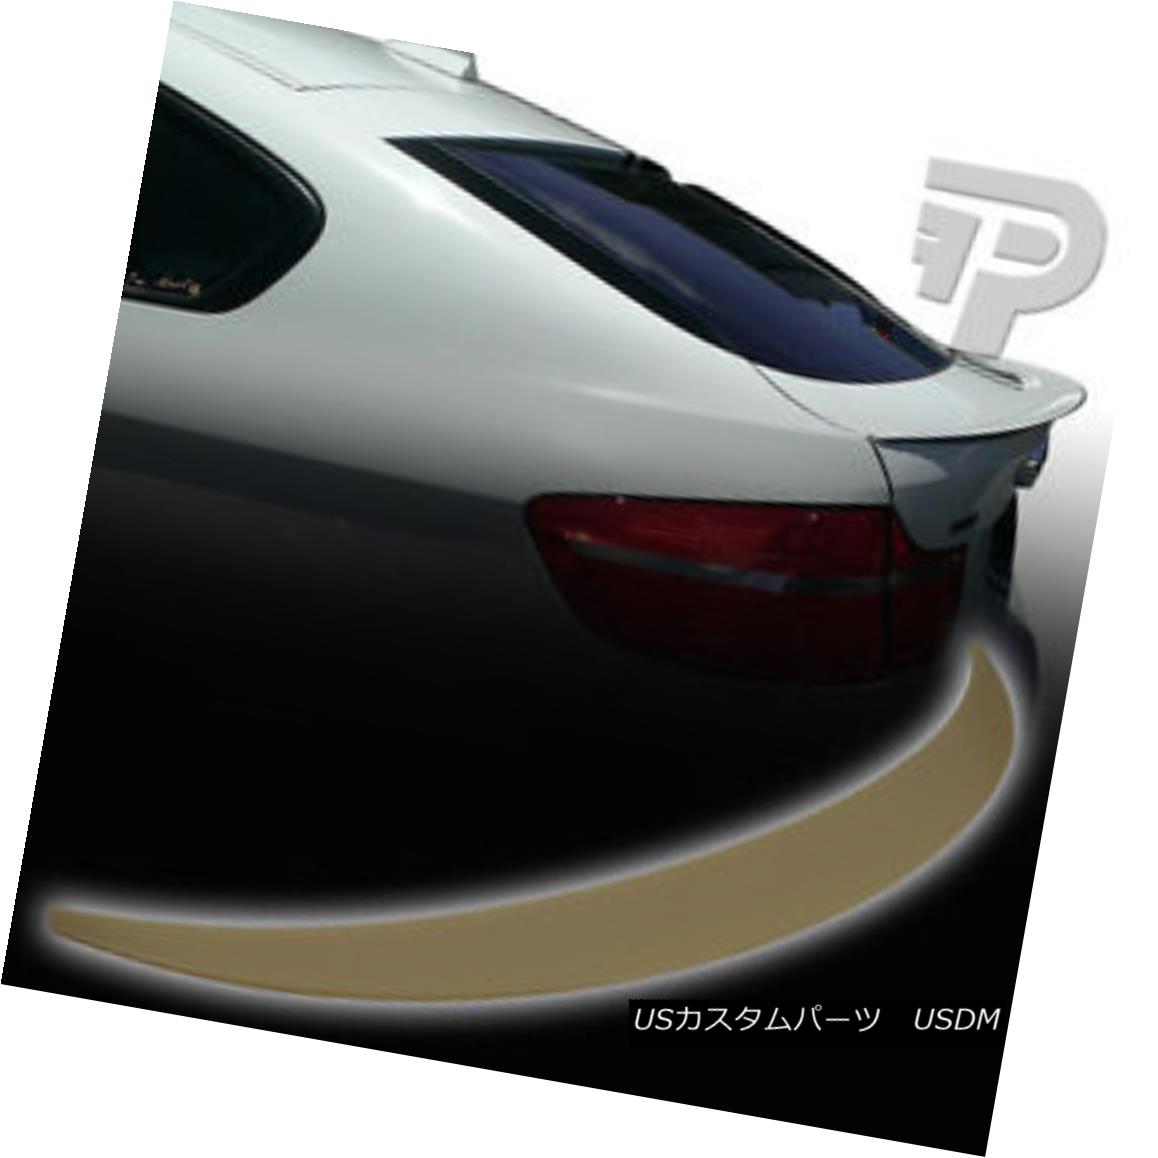 エアロパーツ BMW X6 E71 REAR BOOT TRUNK SPOILER P PERFORMANCE STYLE 08 14 ▼ BMW X6 E71リア・ブーツ・トランク・スポイラーPパフォーマンス・スタイル08 14?